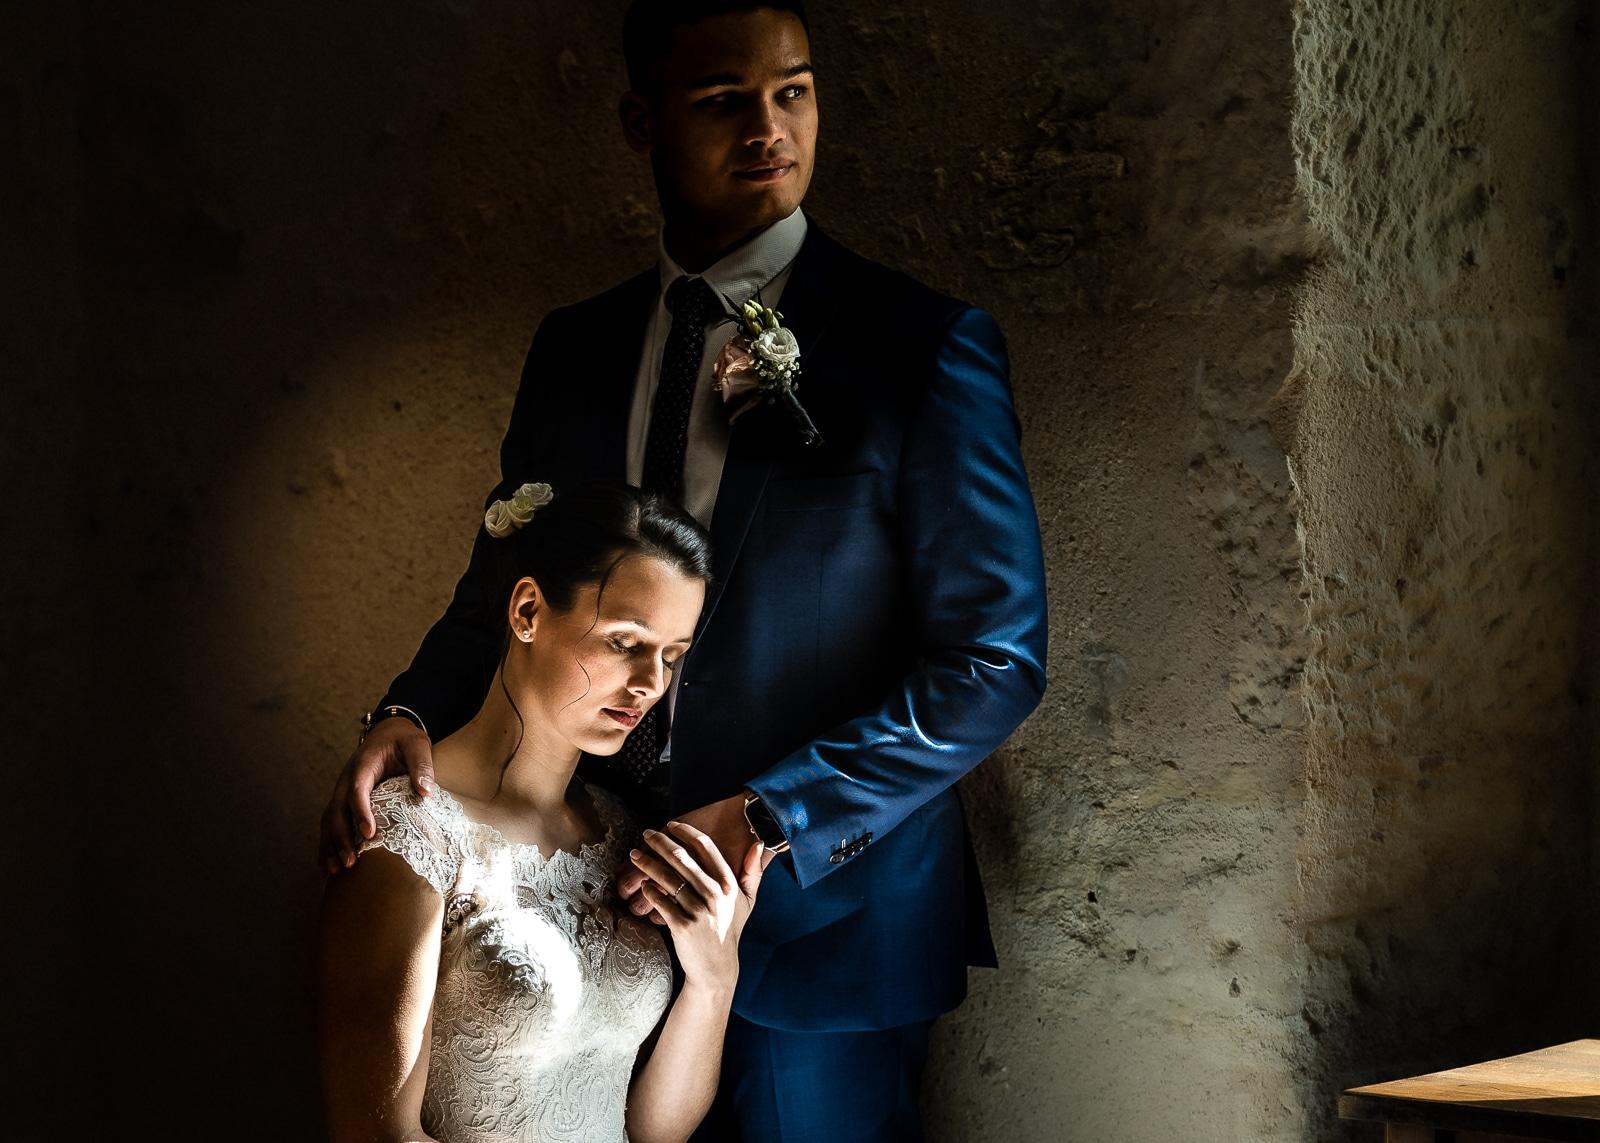 Mariage d'Ophélie et Christophe à Tours d'un photographe du Centre Val de Loire